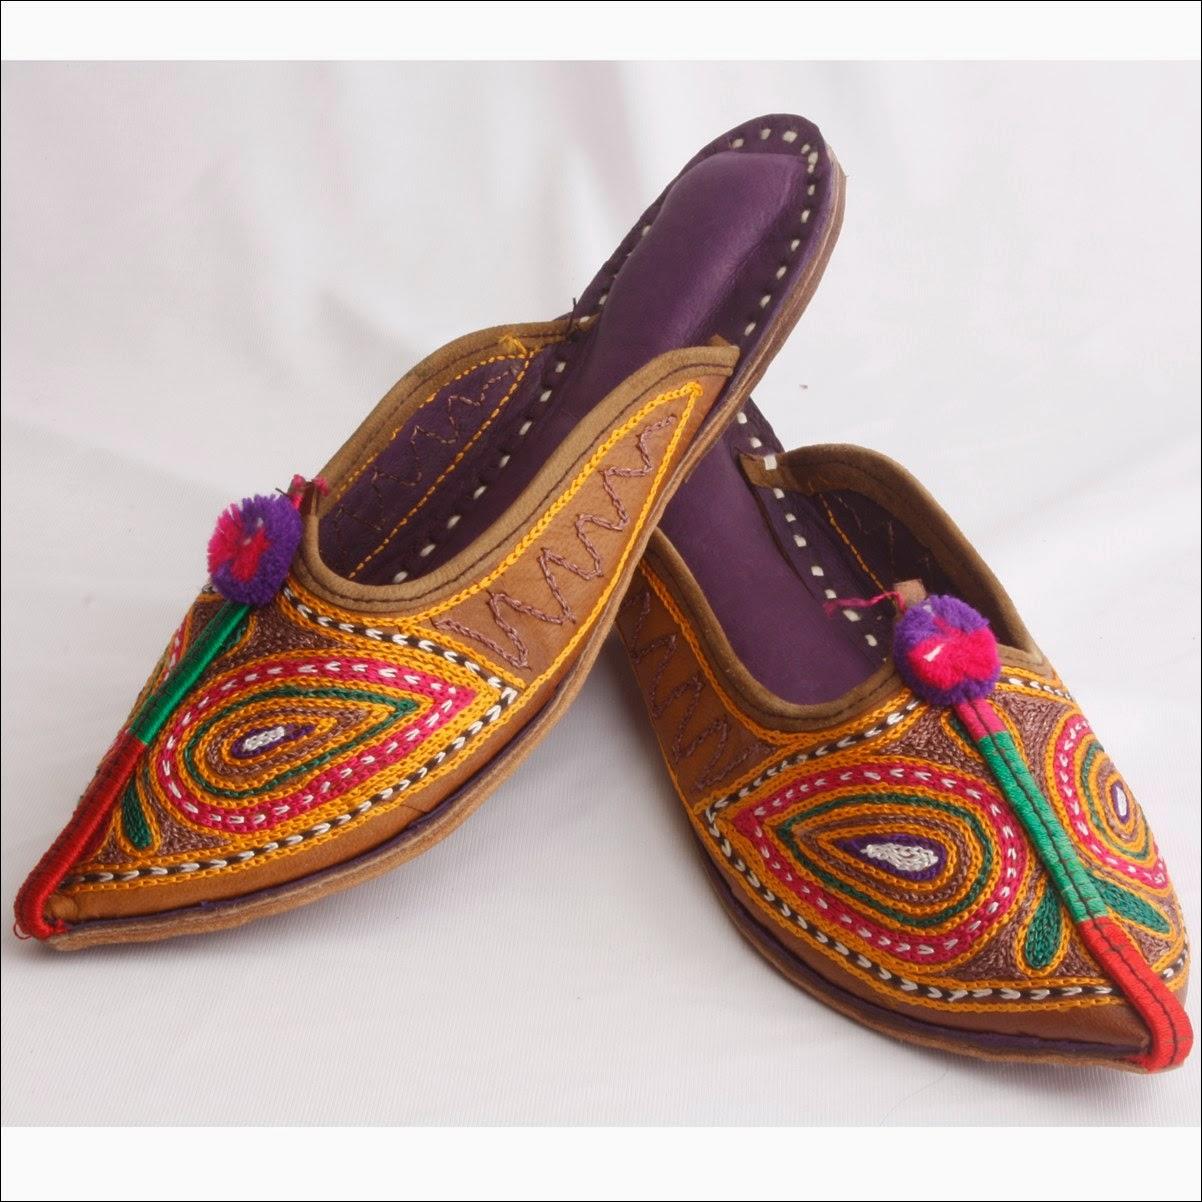 Viajes Y Calzado Agencia Sus Tipos India IndiaLa De txQCdhrs